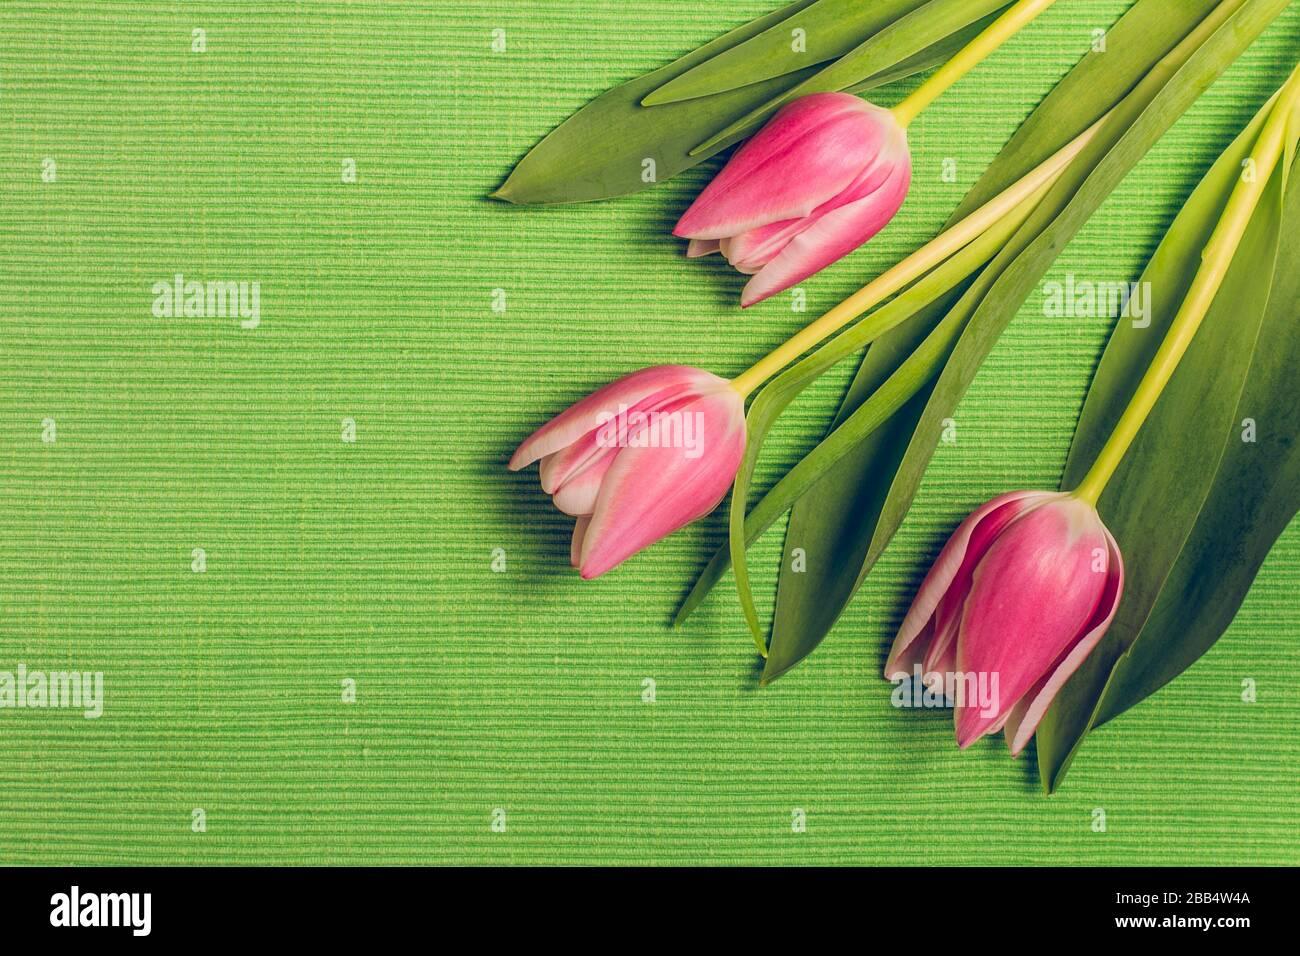 Drei frische rosafarbene Tulpenblumen mit Blättern auf grünem Tischtuch mit Textur, Kopierraum, flachem Layout Federschmuck in Pastellfarben. Stockfoto